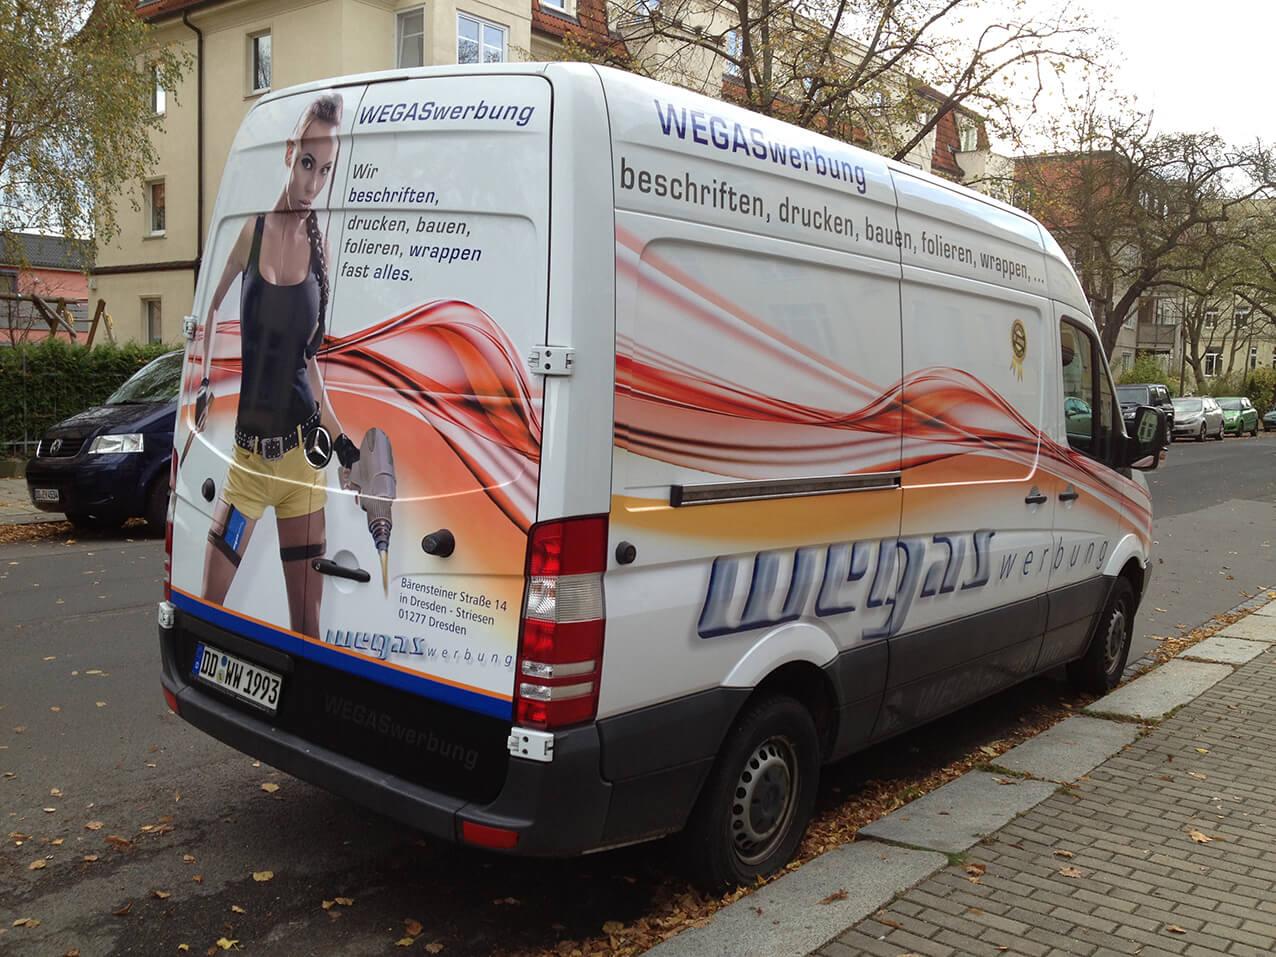 wegaswerbung in dresden branchenbuch deutschland. Black Bedroom Furniture Sets. Home Design Ideas